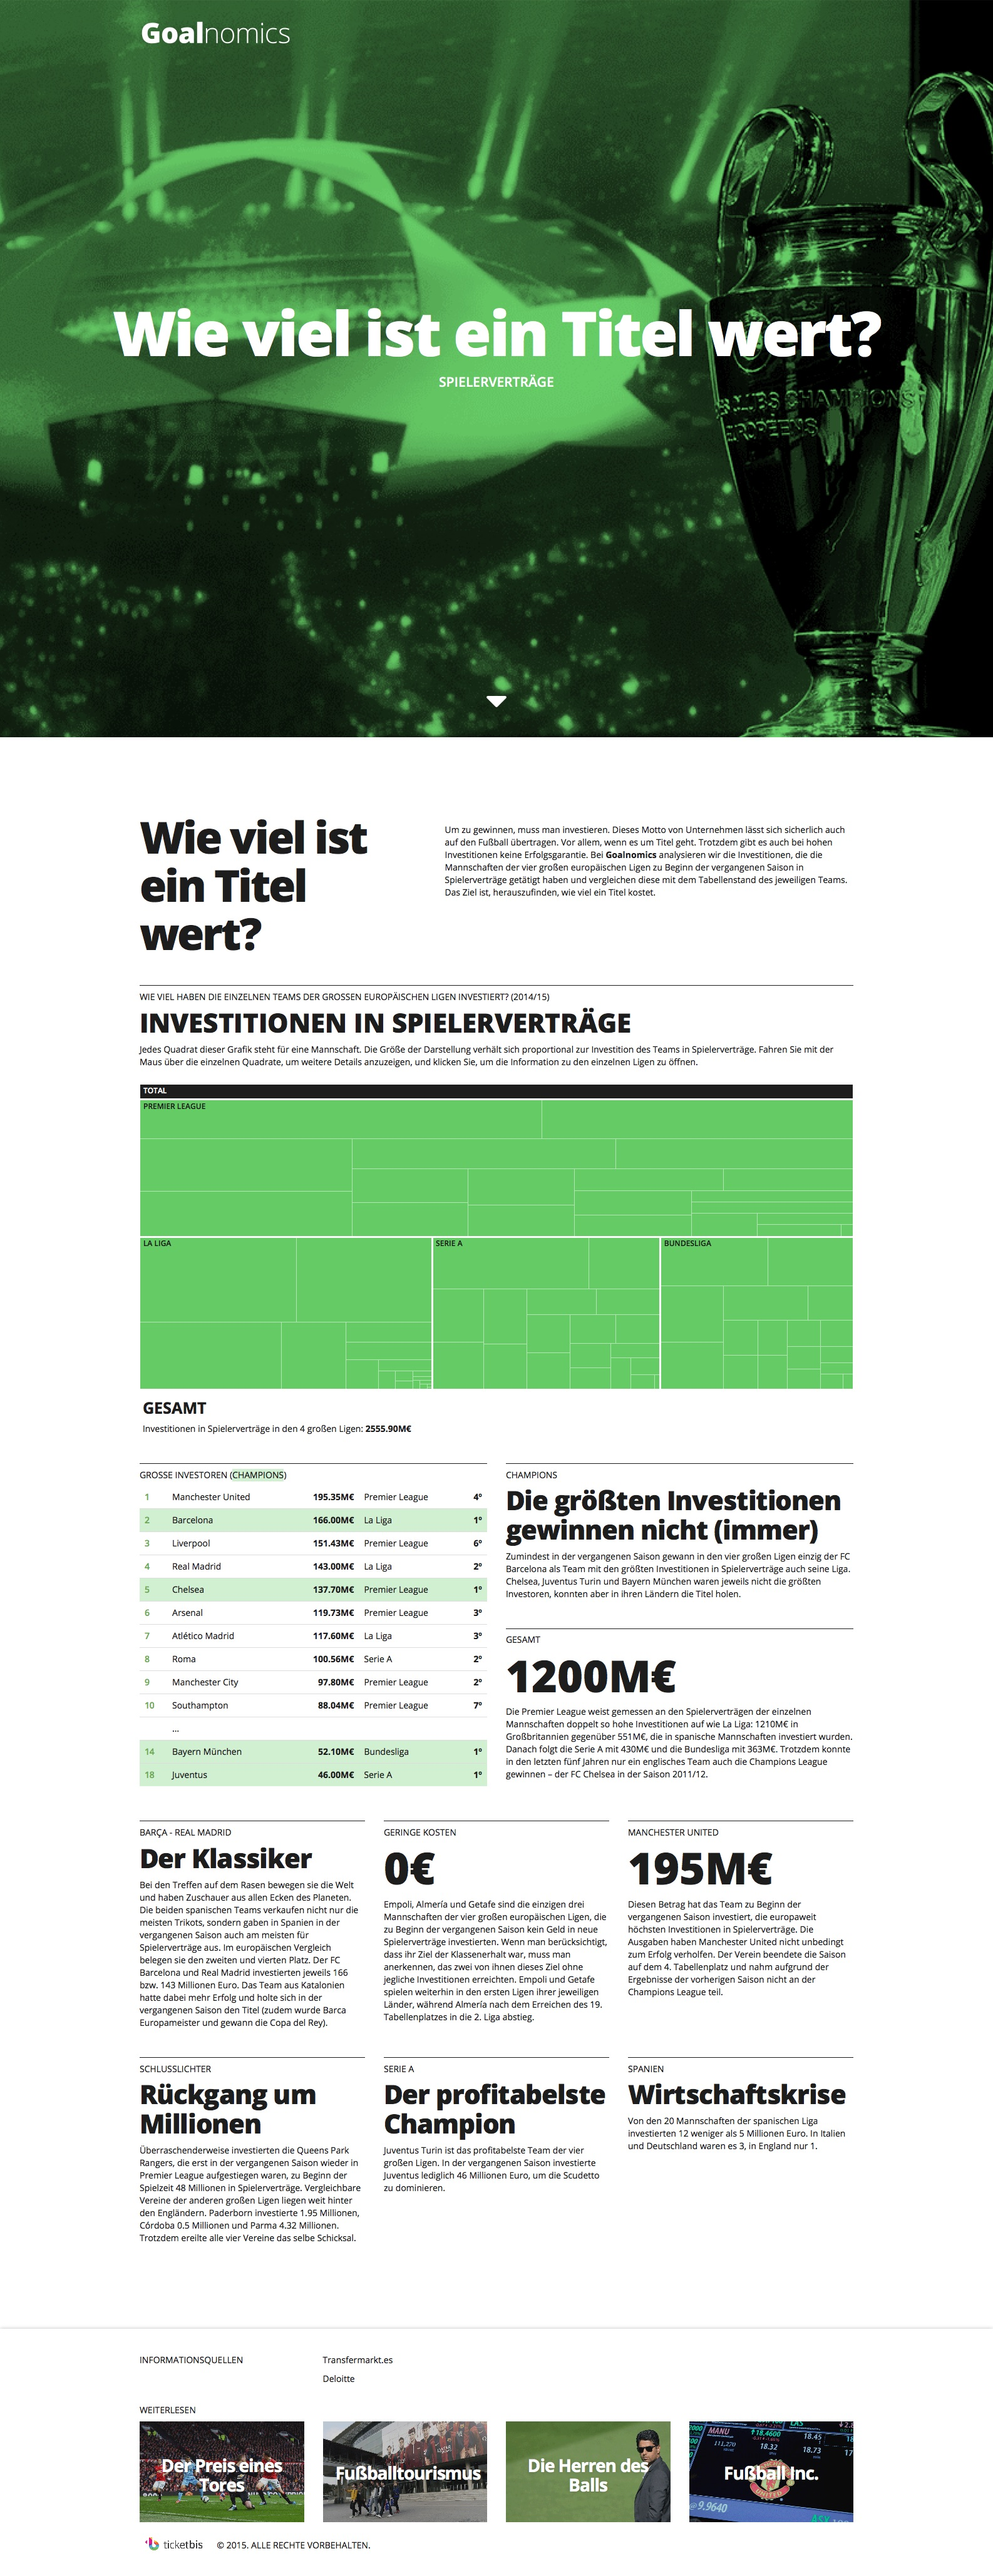 ticketbis_goalnomics_investitionen